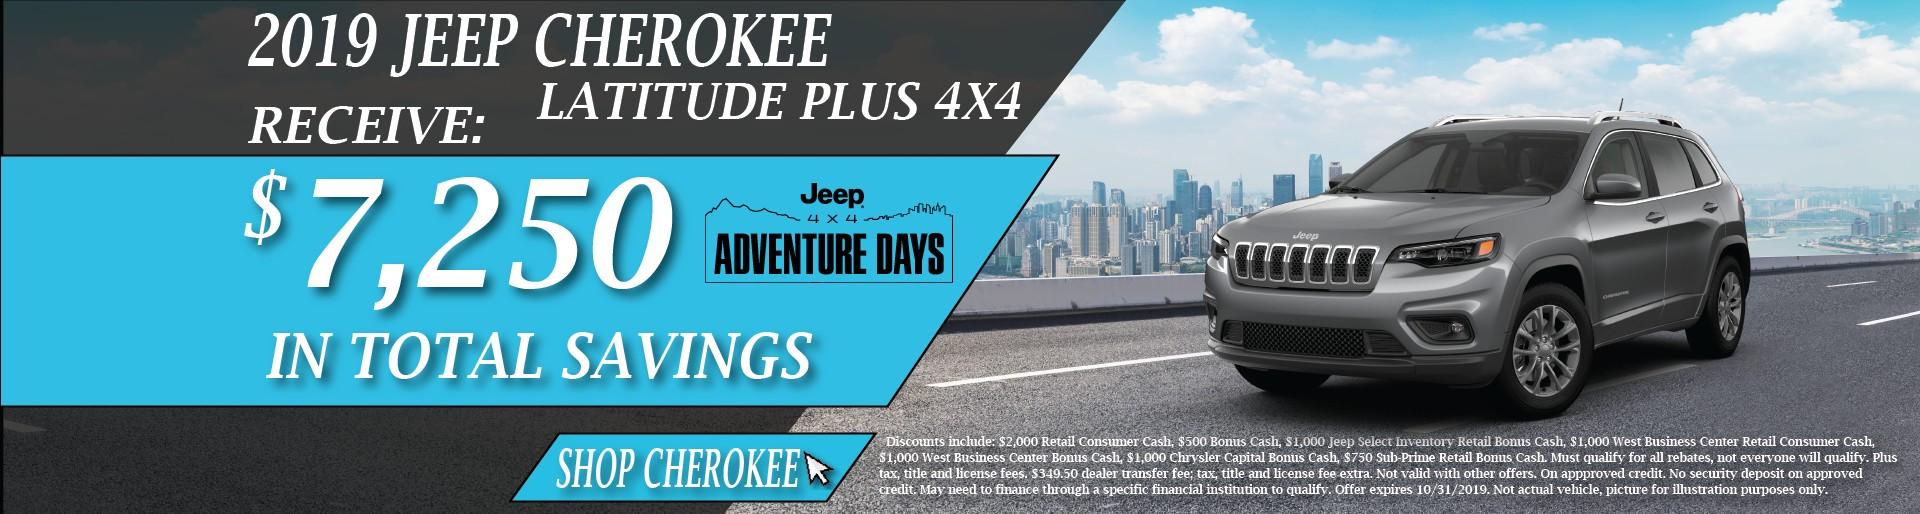 2019 Jeep Cherokee October